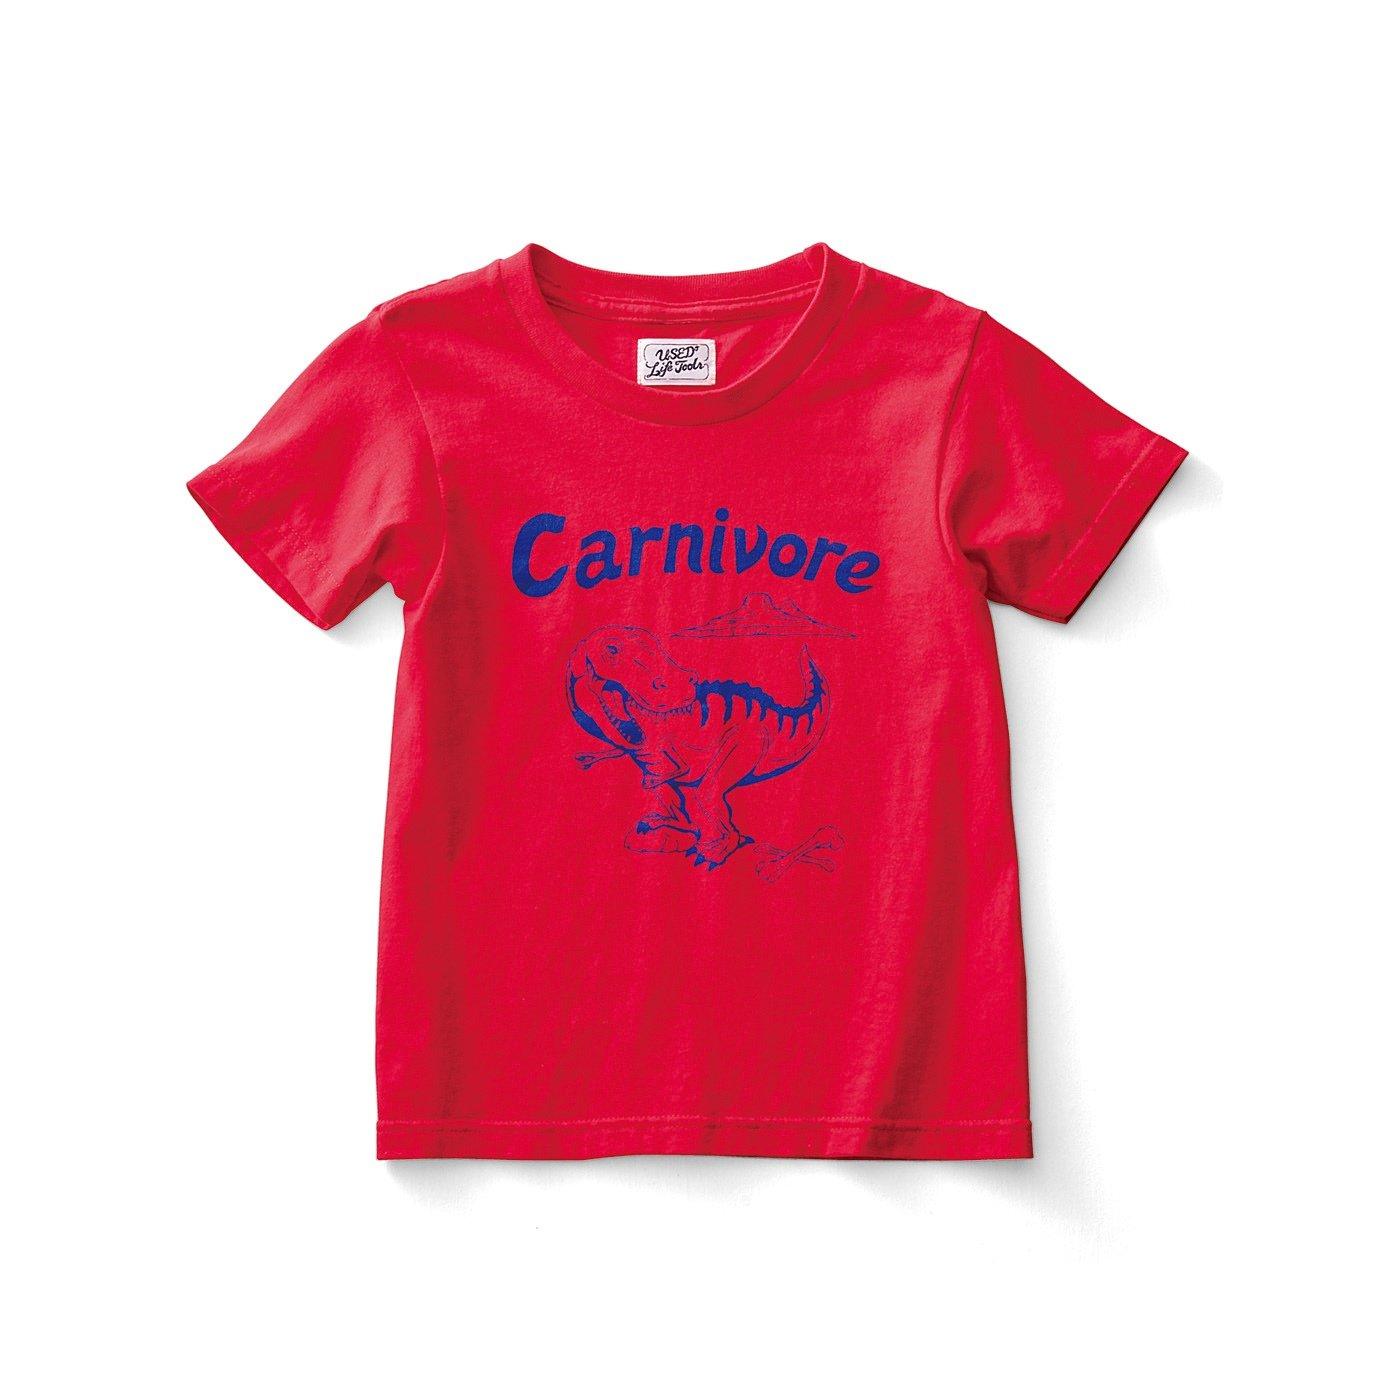 古着屋さんで見つけたような恐竜柄Tシャツ〈キッズ〉〈Carnivore 肉食動物〉